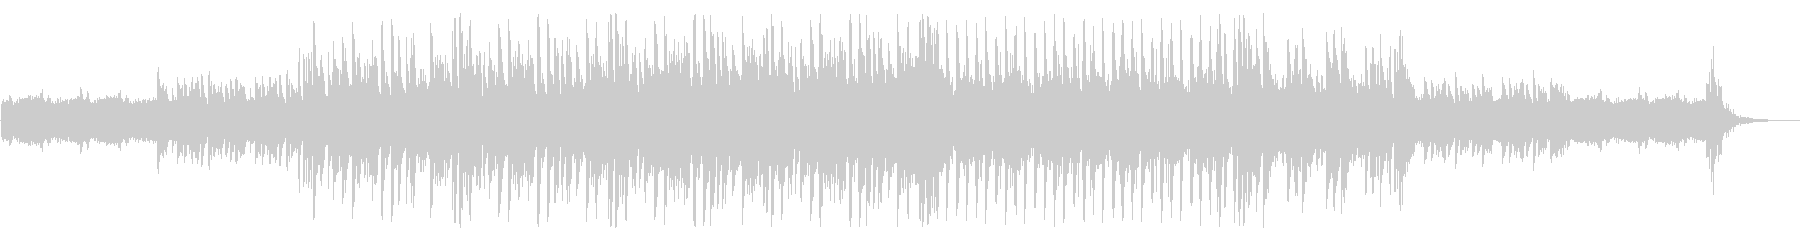 シンセとピアノのEDMの未再生の波形